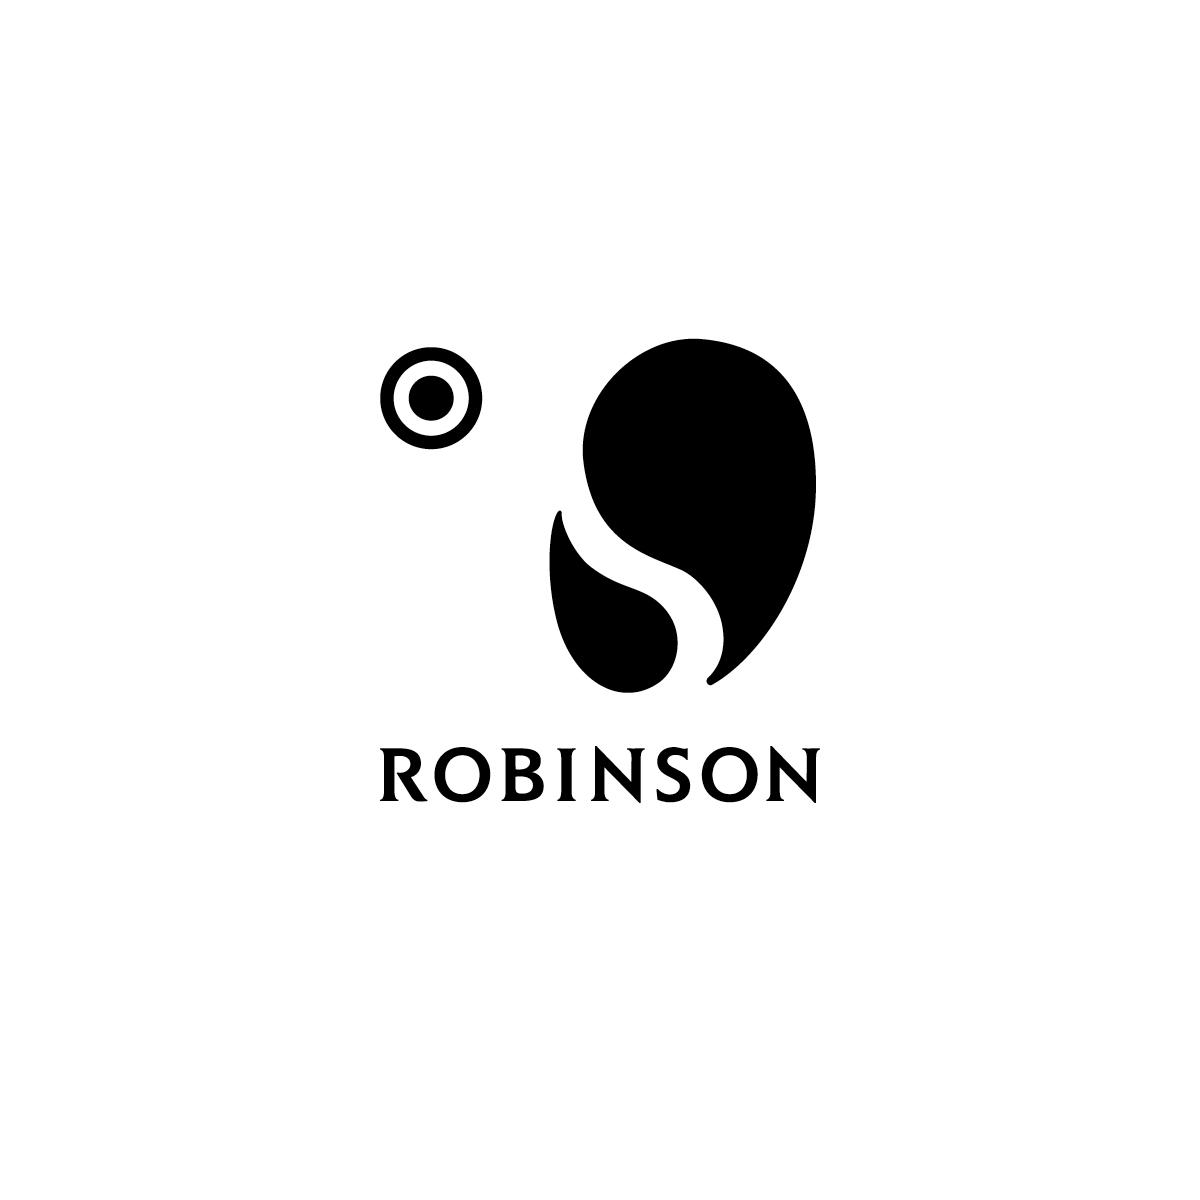 Markenzeichen, Logo Robinson